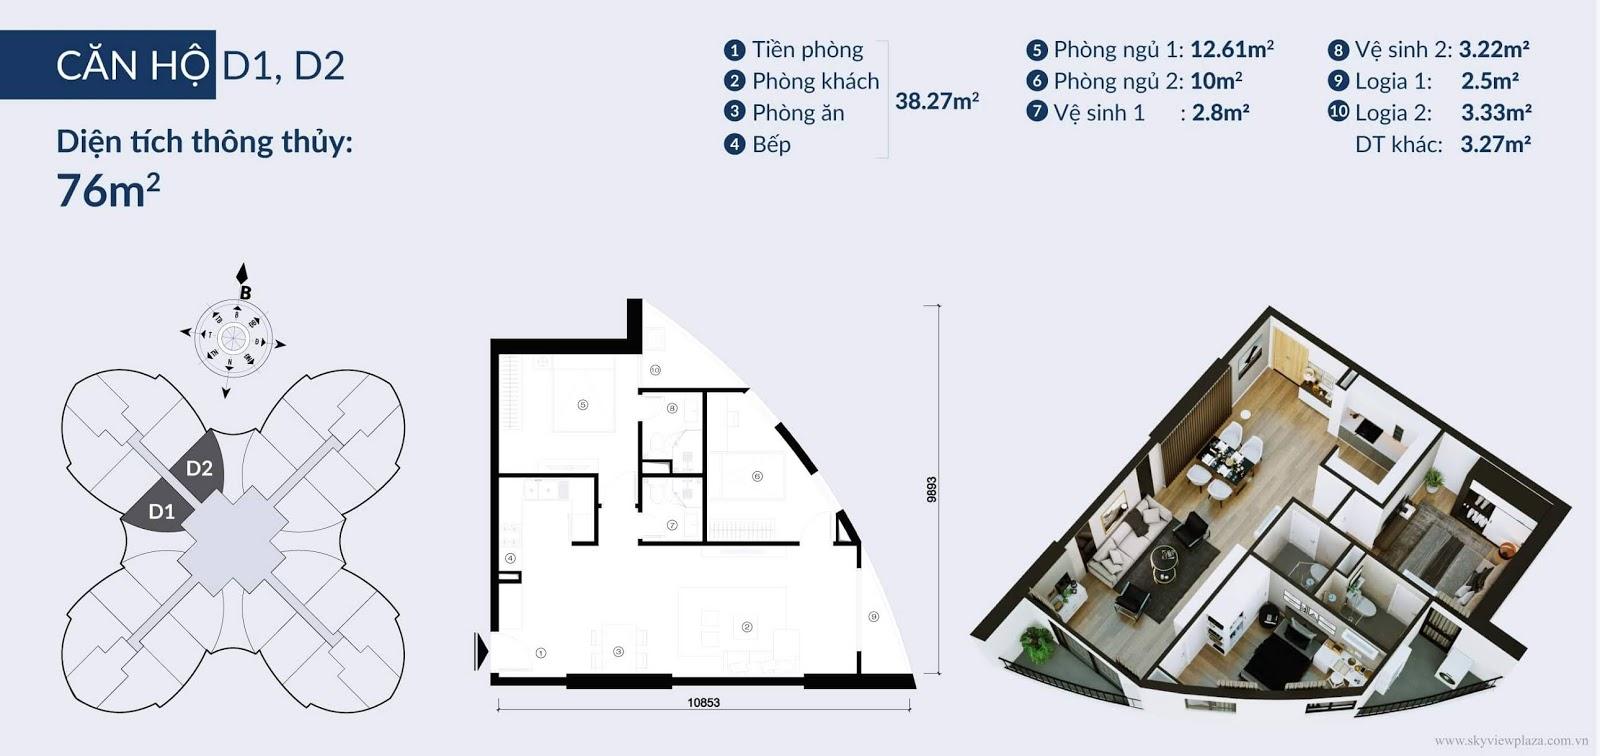 Chi tiết căn hộ D1, D2 dự án Sky View Plaza